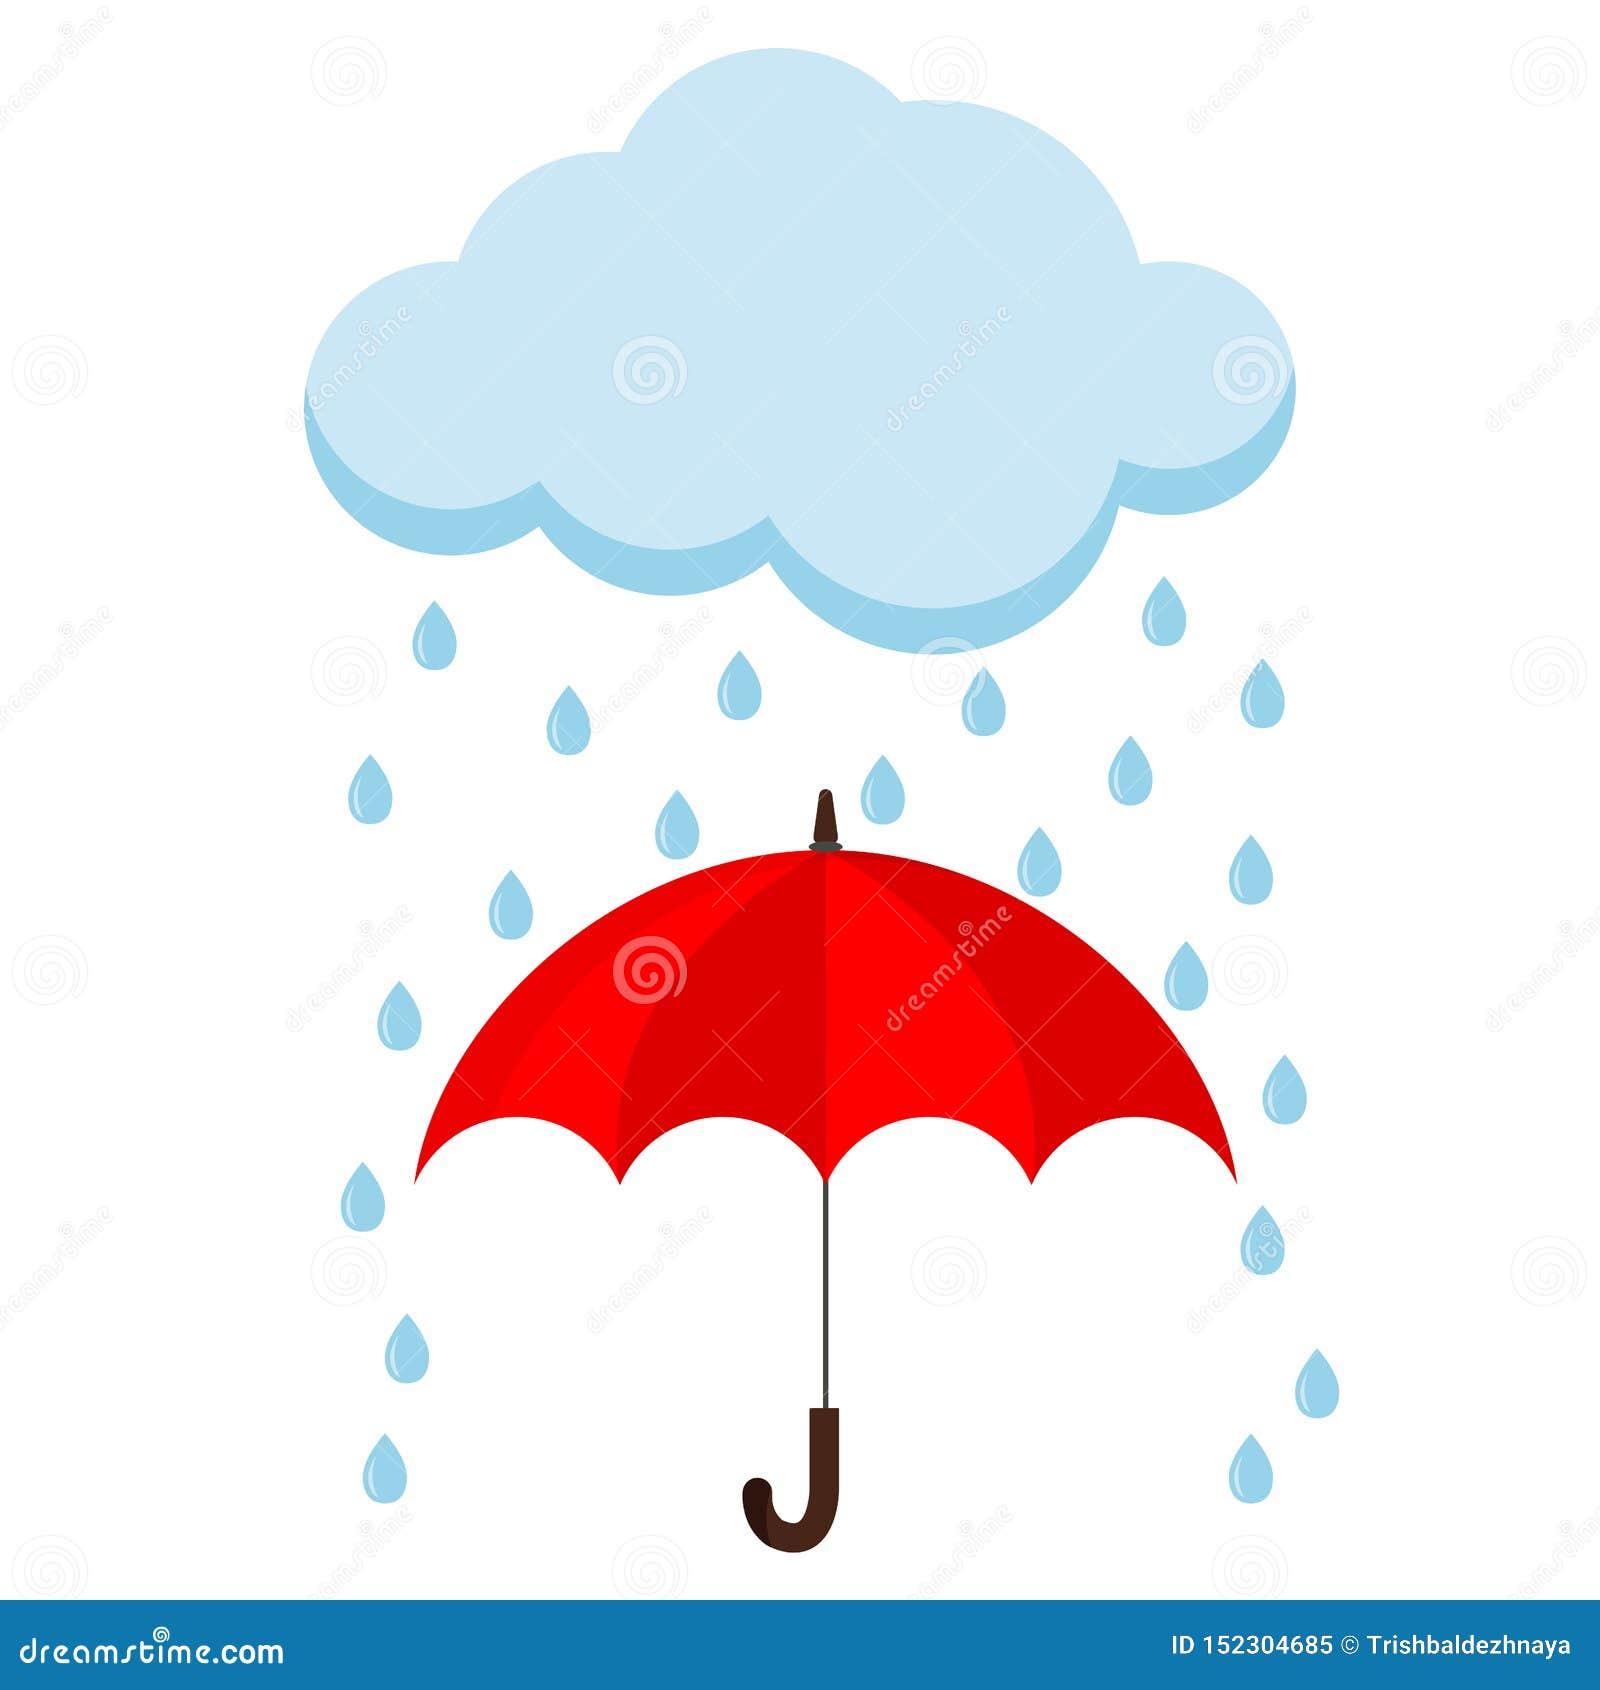 Εικονίδιο του σύννεφου, της βροχής και του ανοιγμένου κόκκινου καλάμου ομπρελών στη βροχή